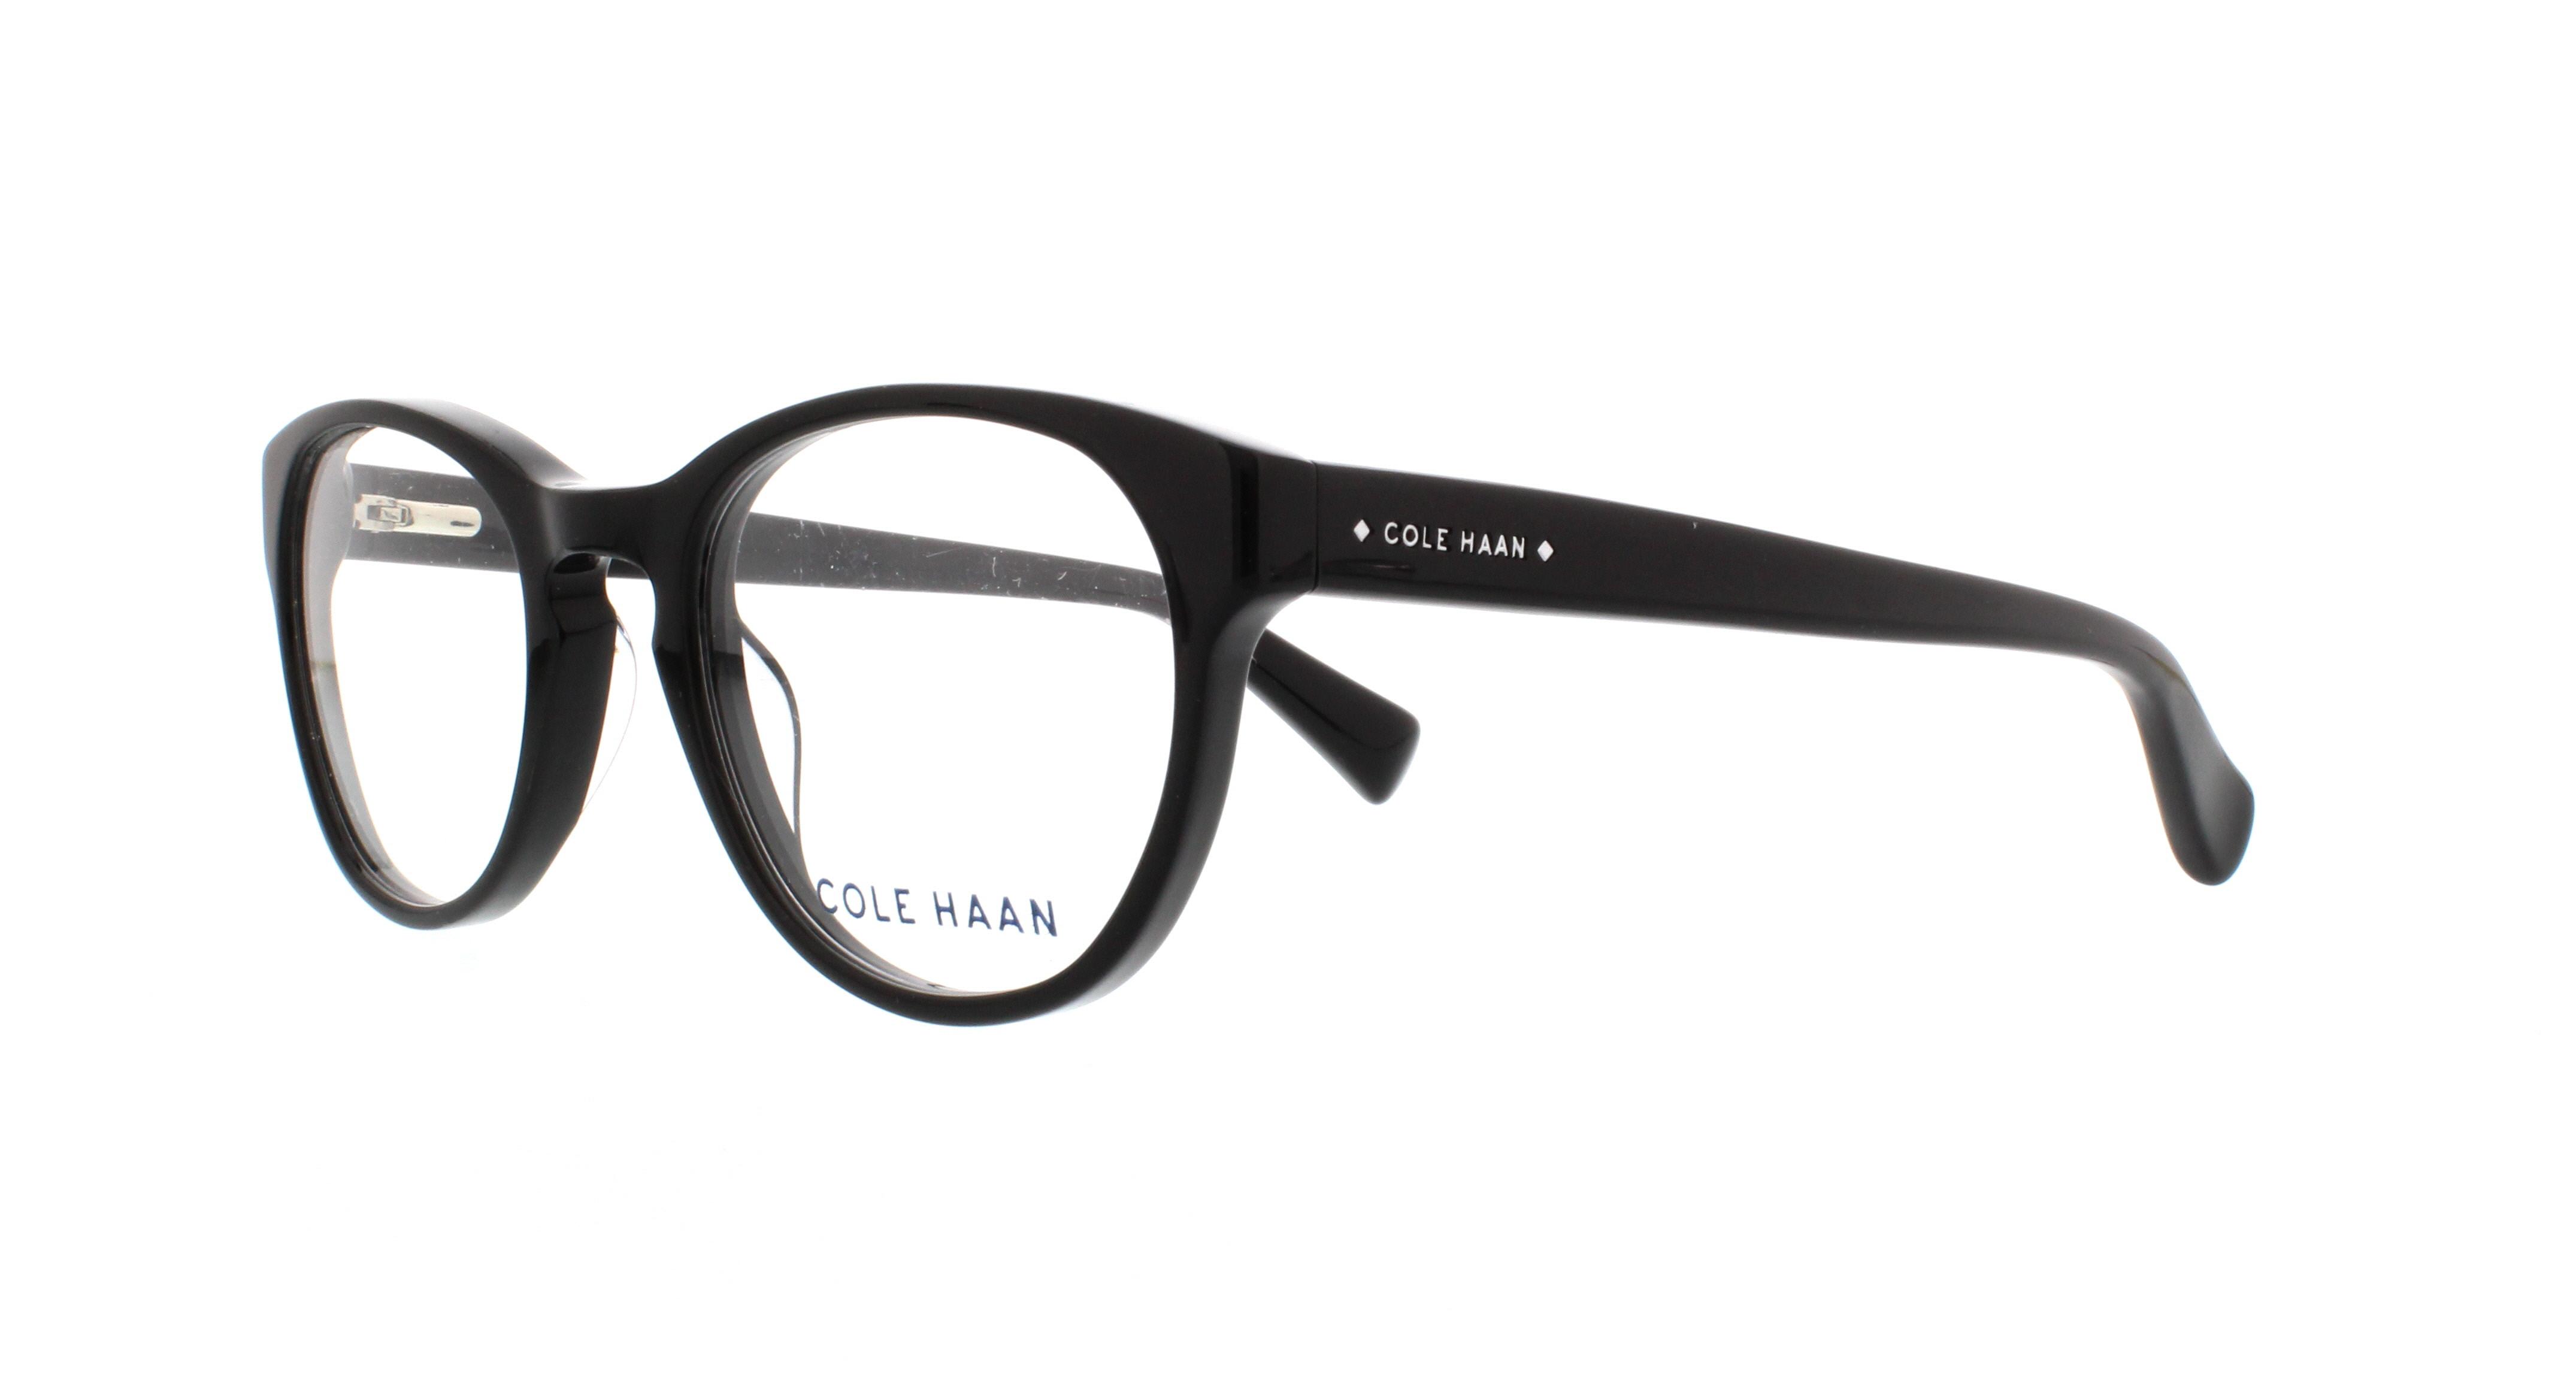 COLE HAAN Eyeglasses CH4009 001 Black 49MM 788678534927   eBay